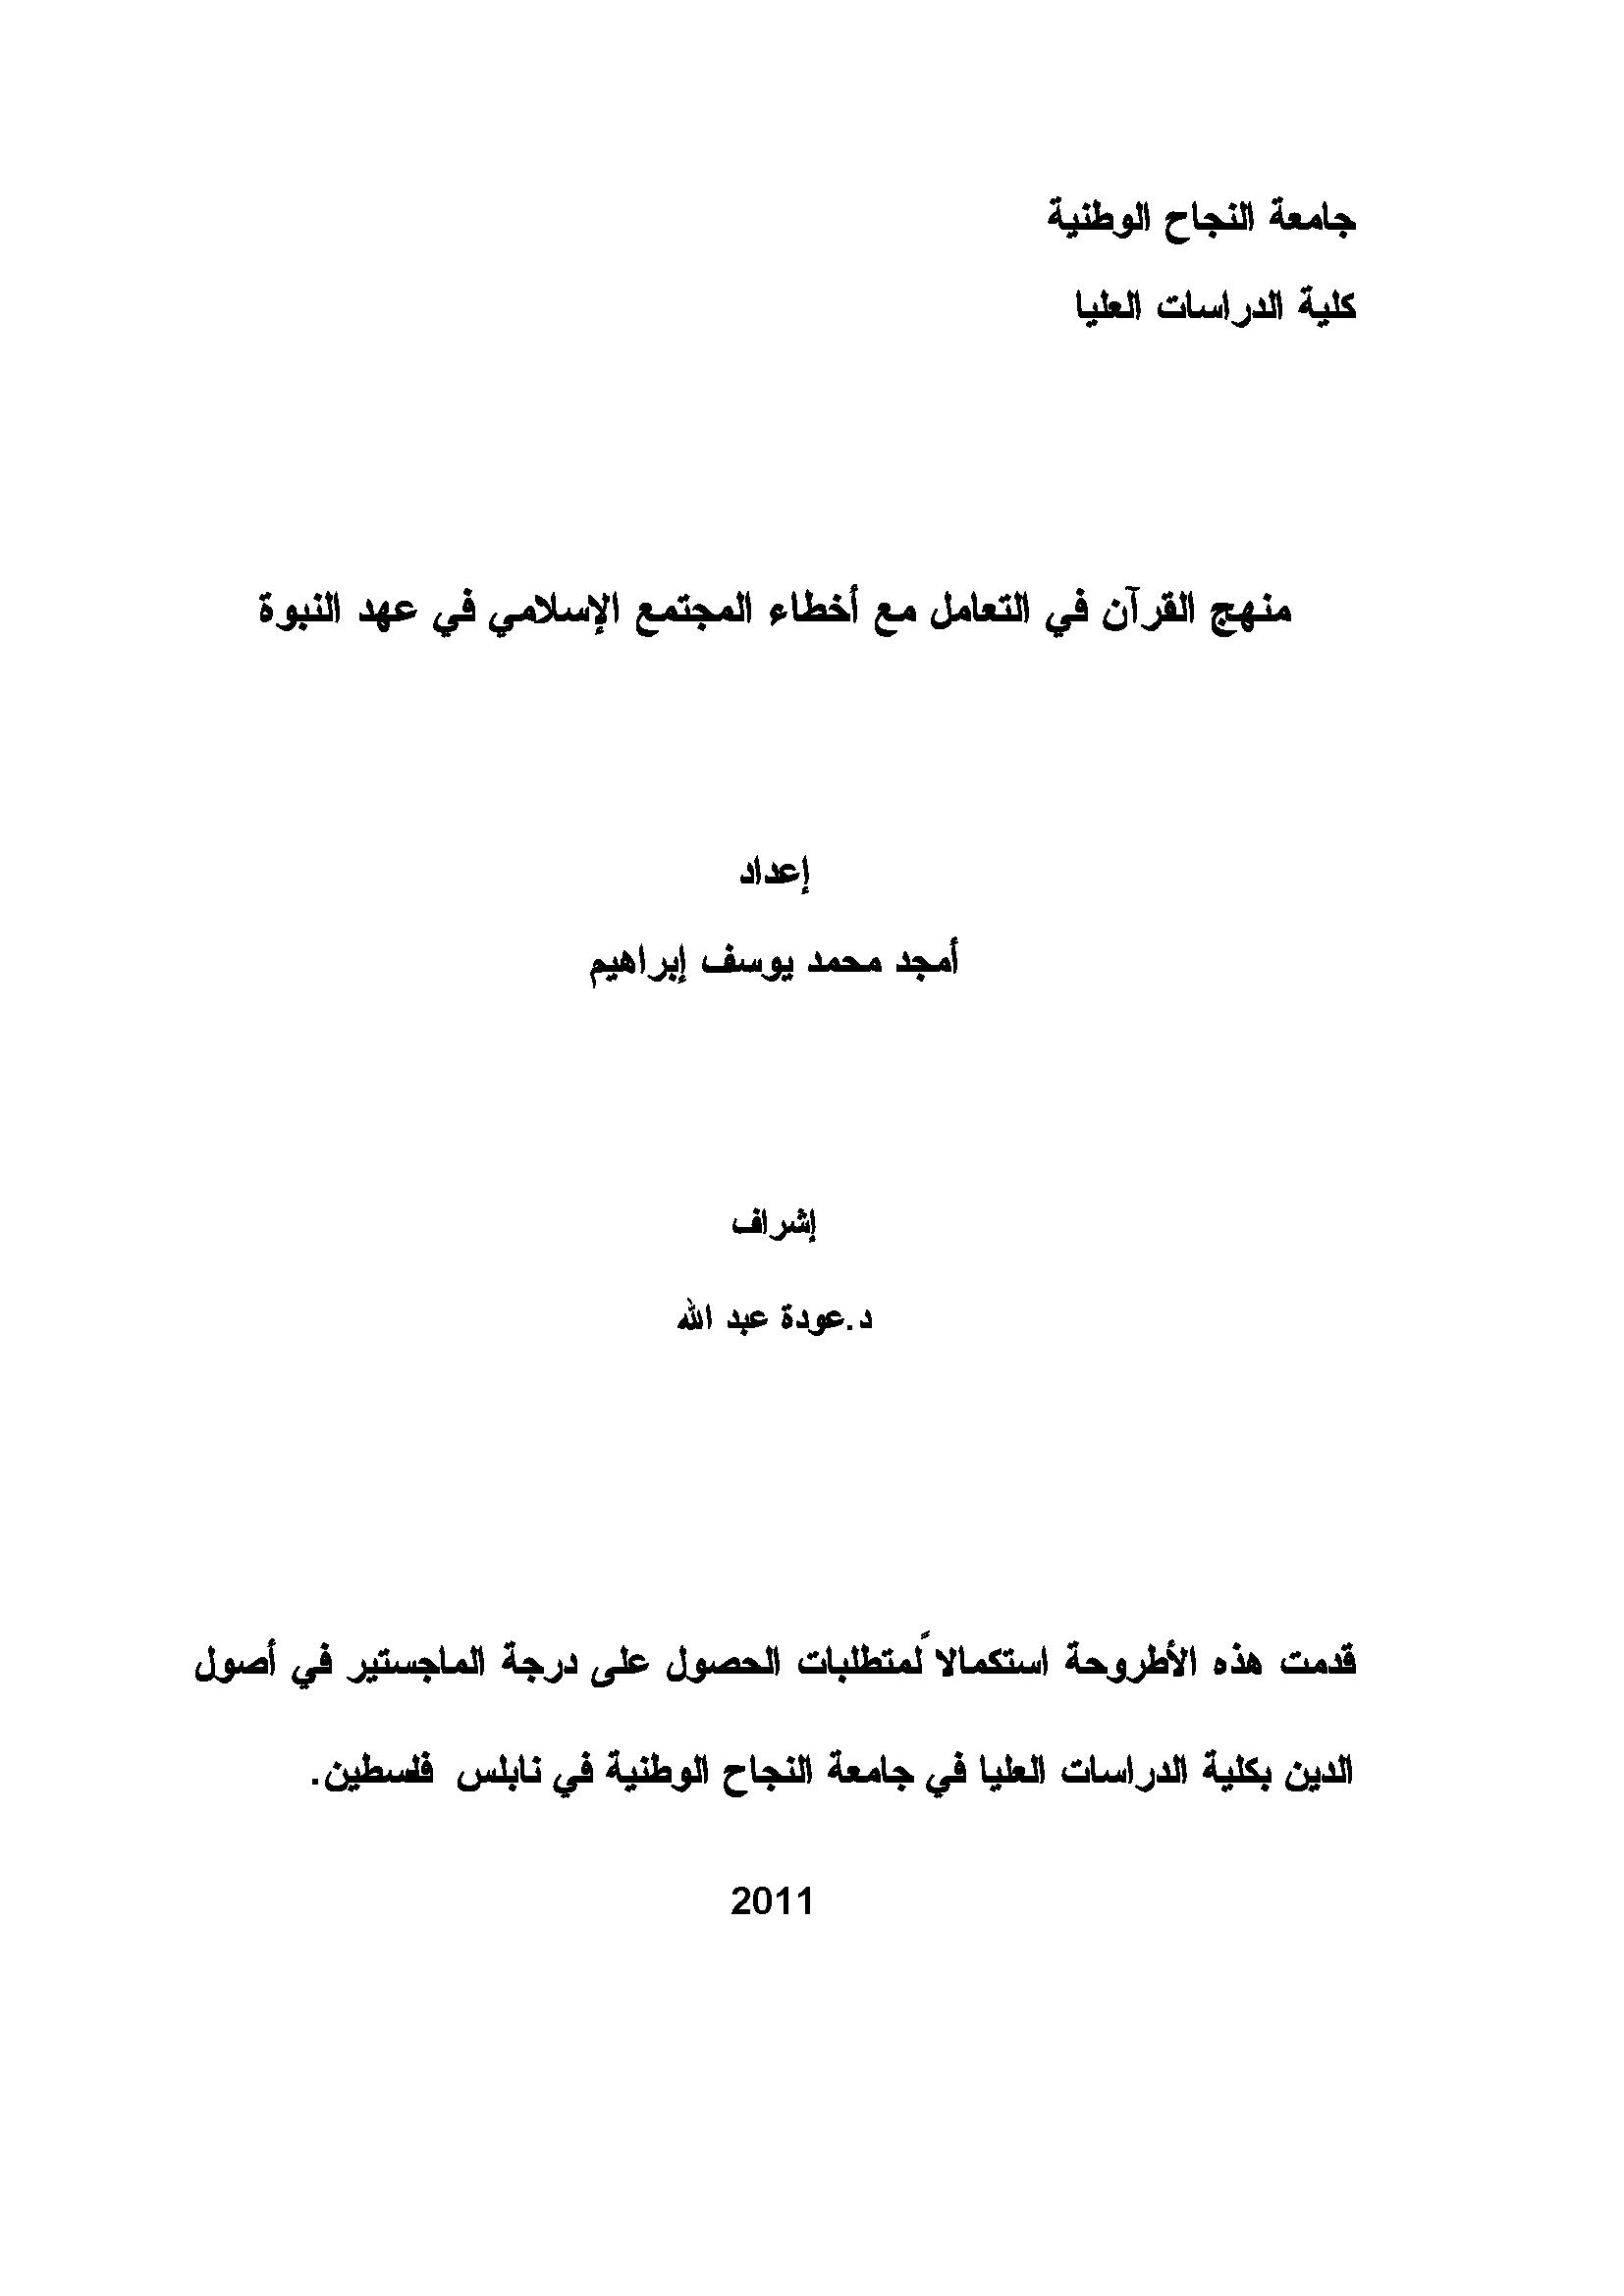 تحميل كتاب منهج القرآن الكريم في التعامل مع أخطاء المجتمع الإسلامي في عهد النبوة لـِ: أمجد محمد يوسف إبراهيم